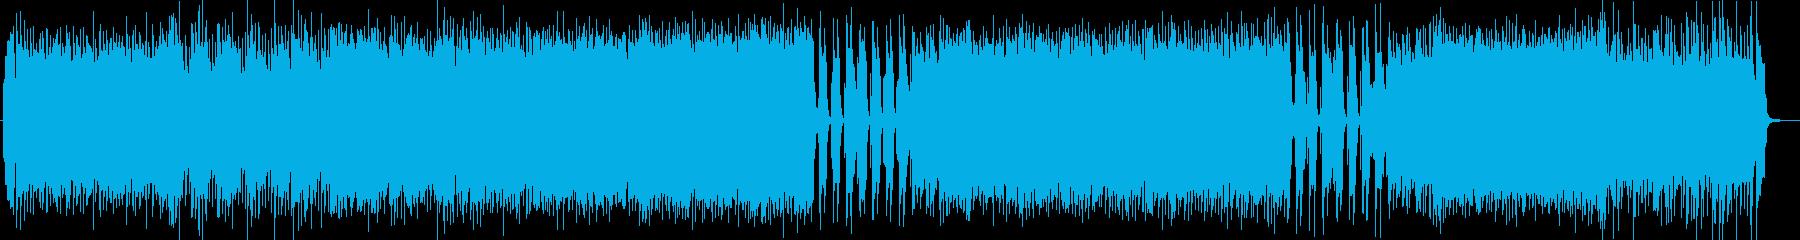 ファンキーなギターサウンドの再生済みの波形